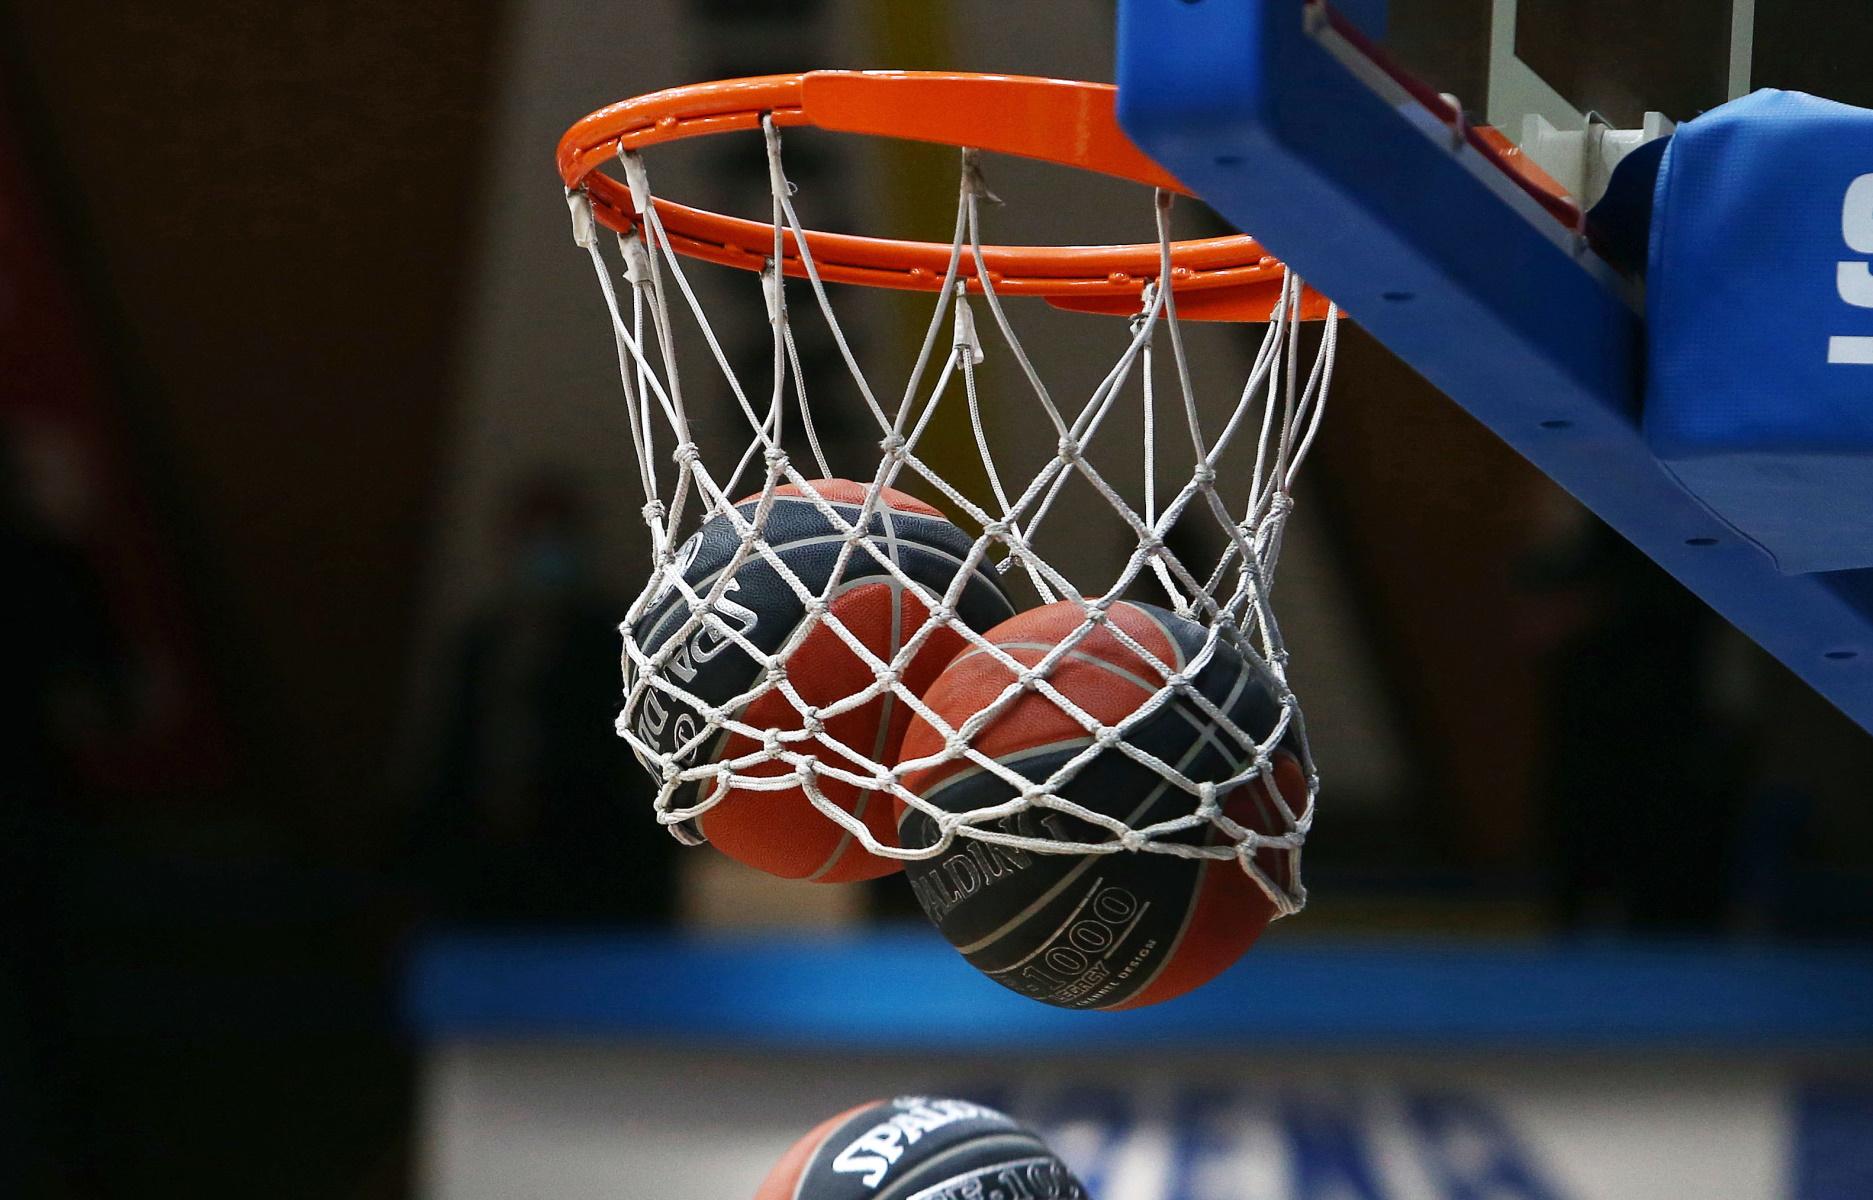 ΕΣΑΚΕ: Ορίστηκε η κλήρωση της Basket League – Πήρε άδεια συμμετοχής ο Απόλλων Πάτρας